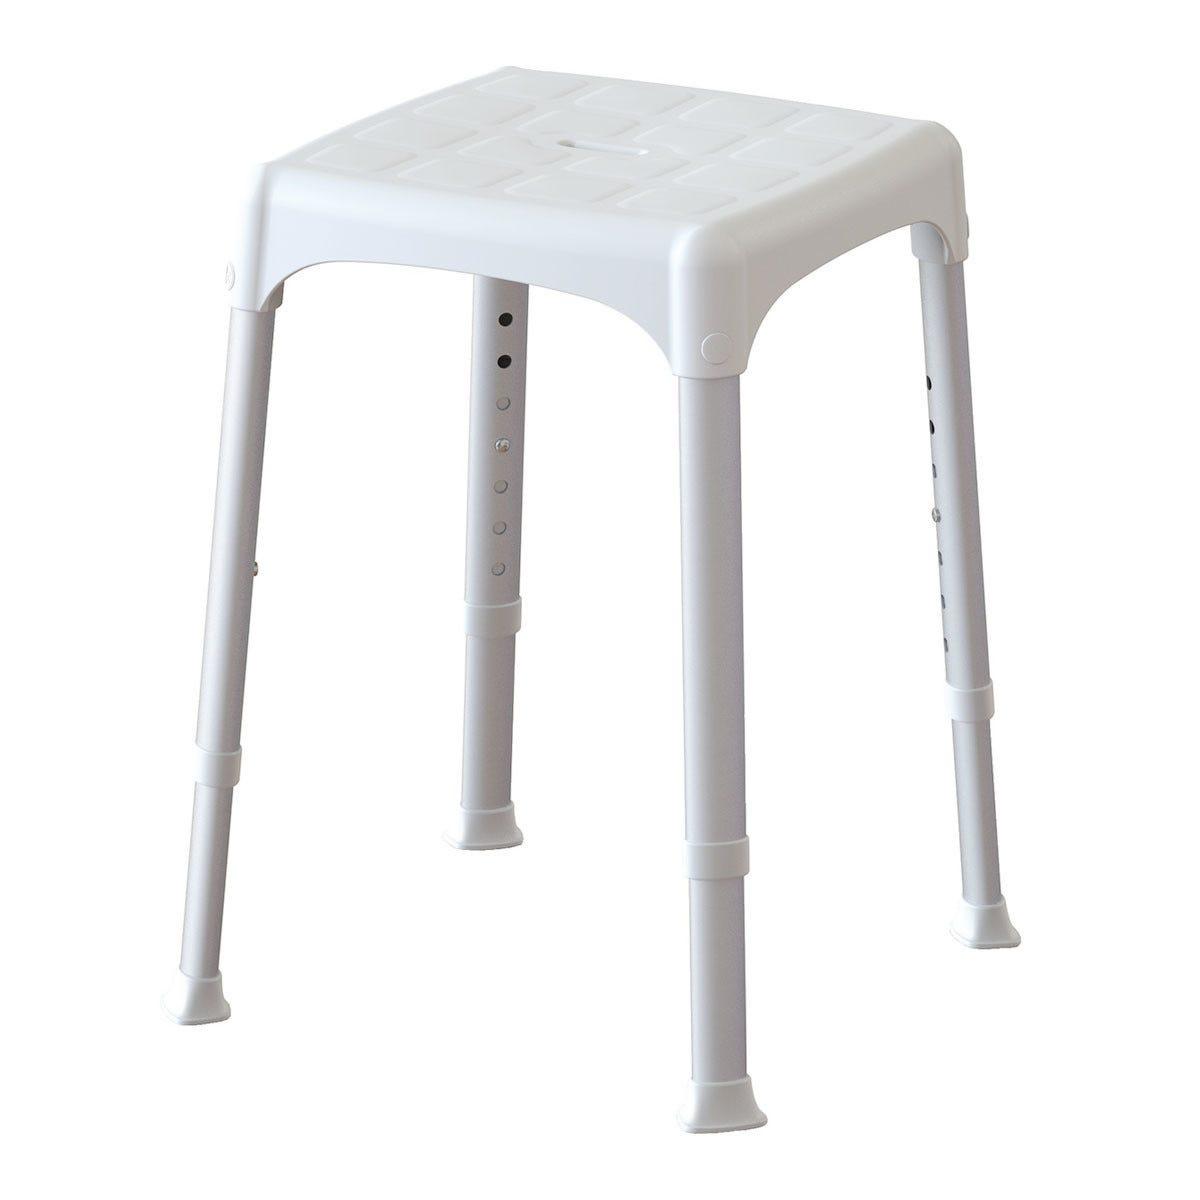 Sgabello Regolabile Bianco 30,5x30,5 Cm Altezza Da 39 A 54 Cm